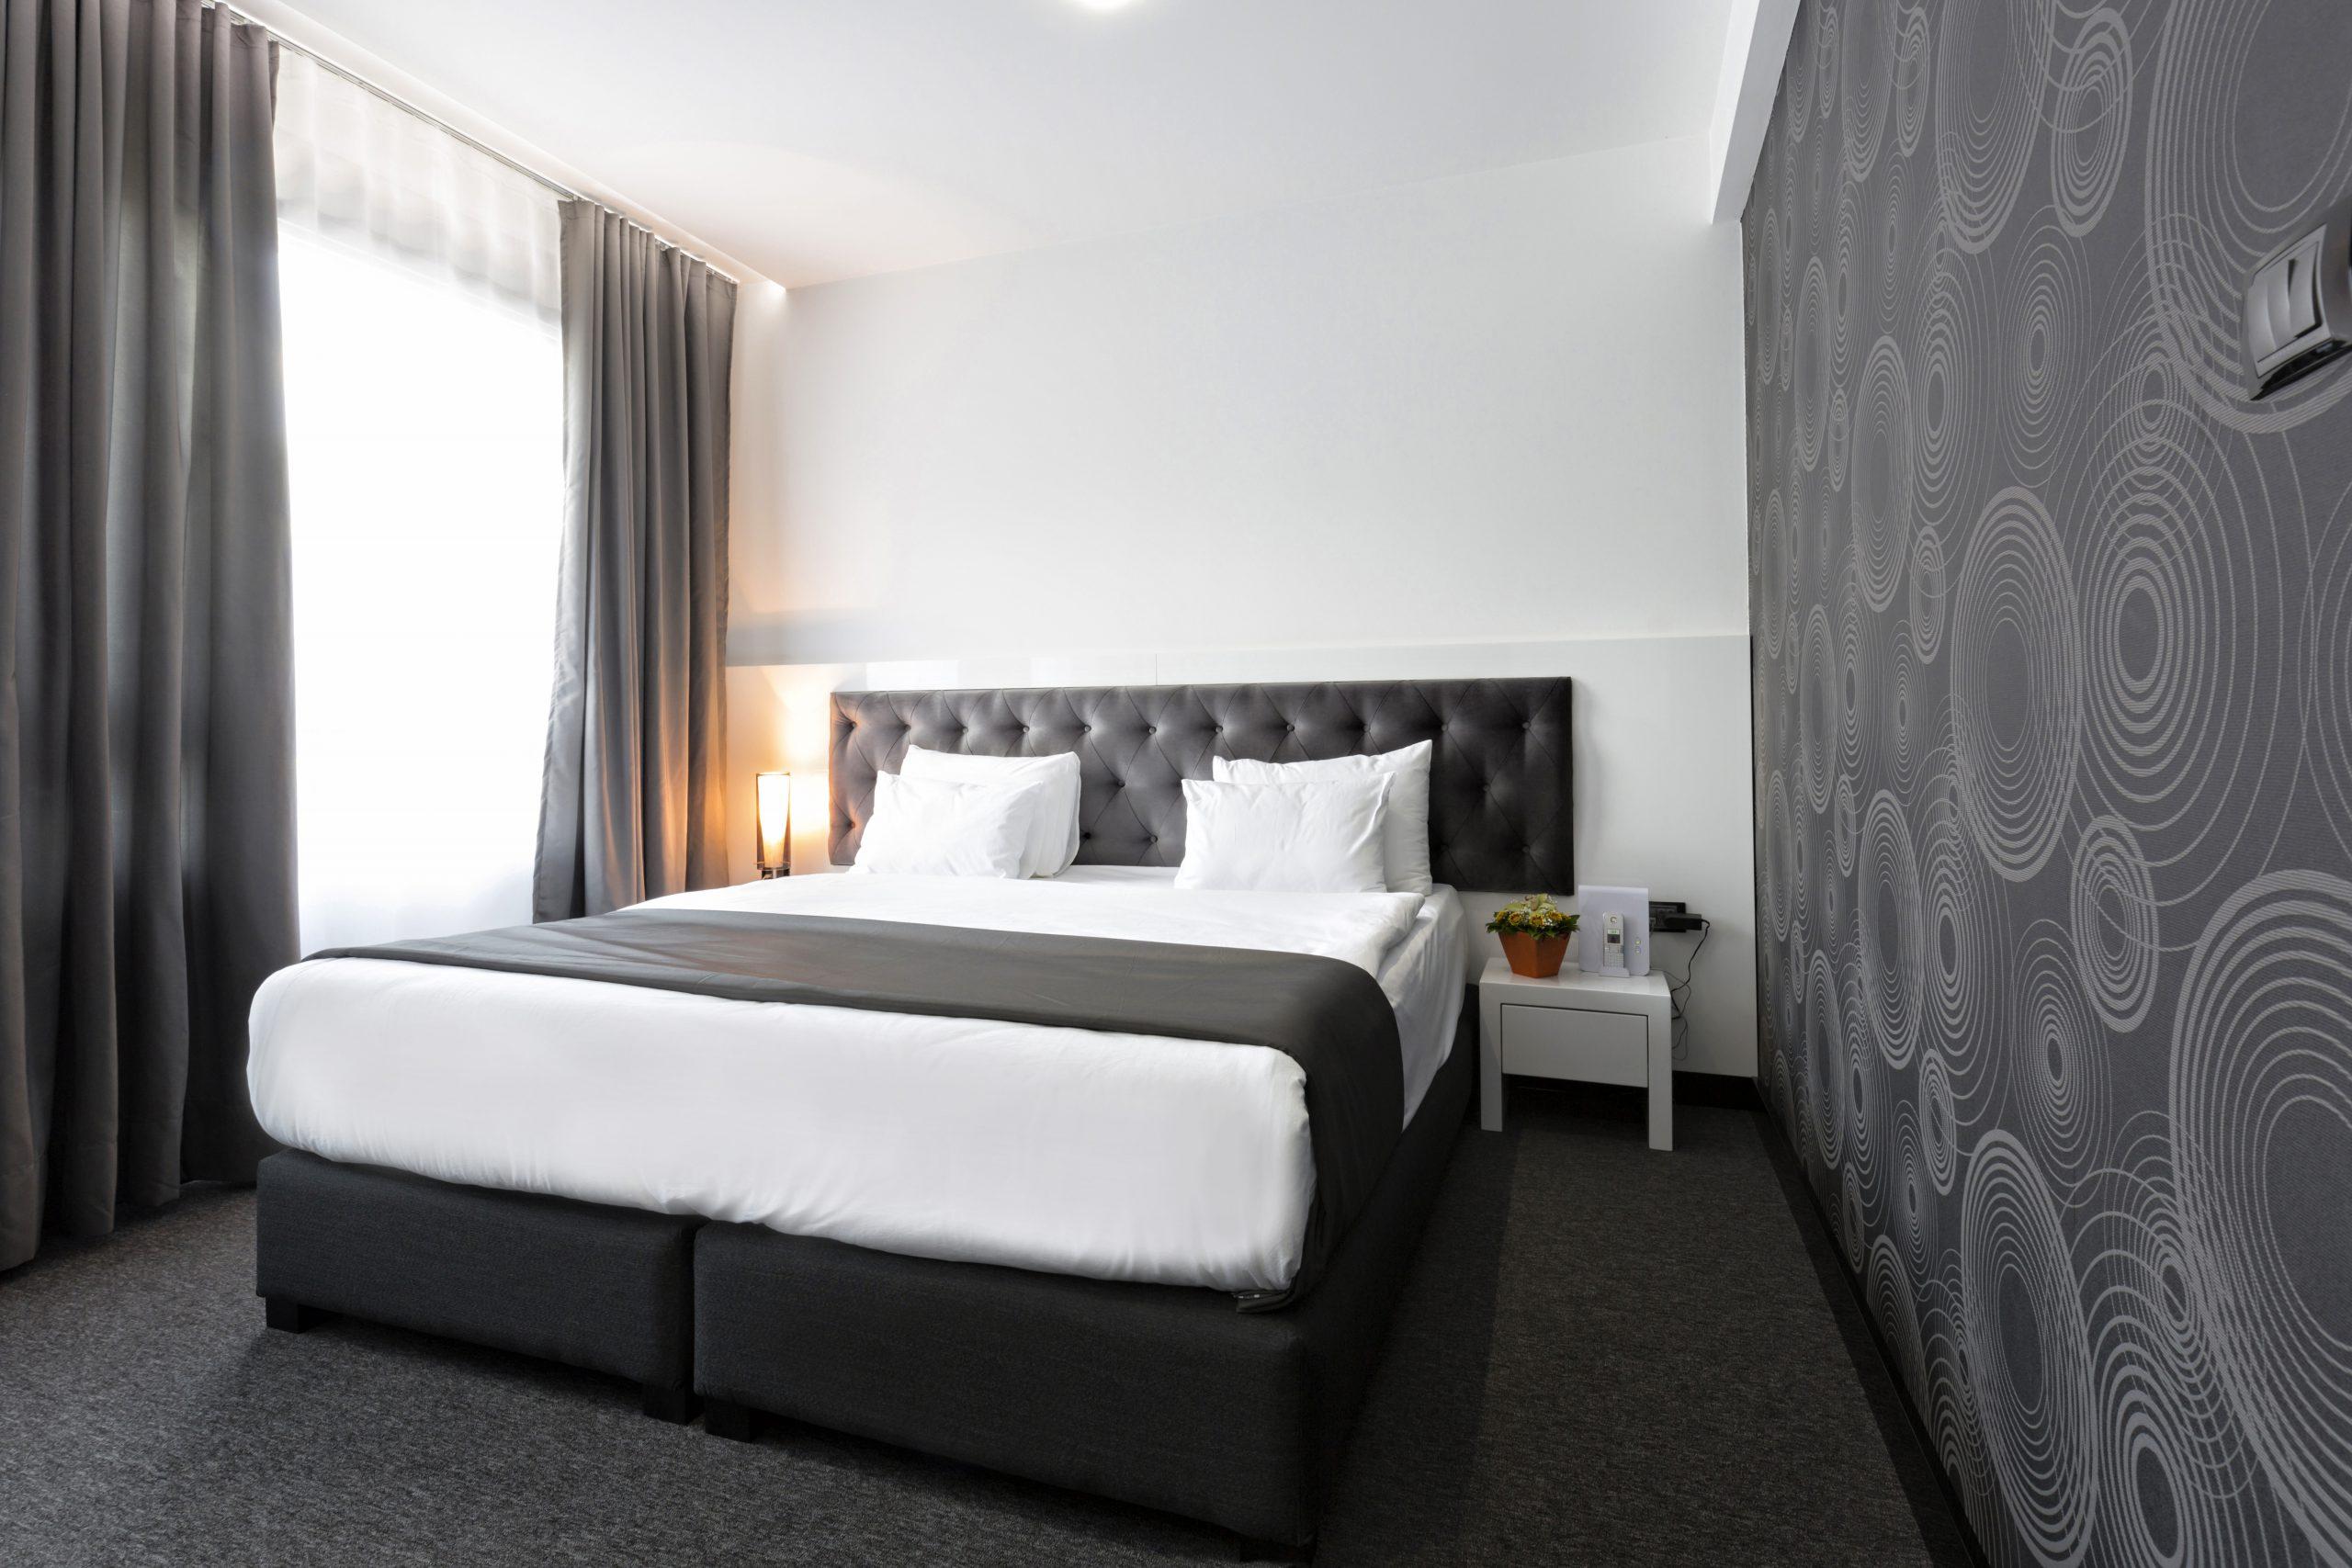 sábanas para hotel calidad Royal